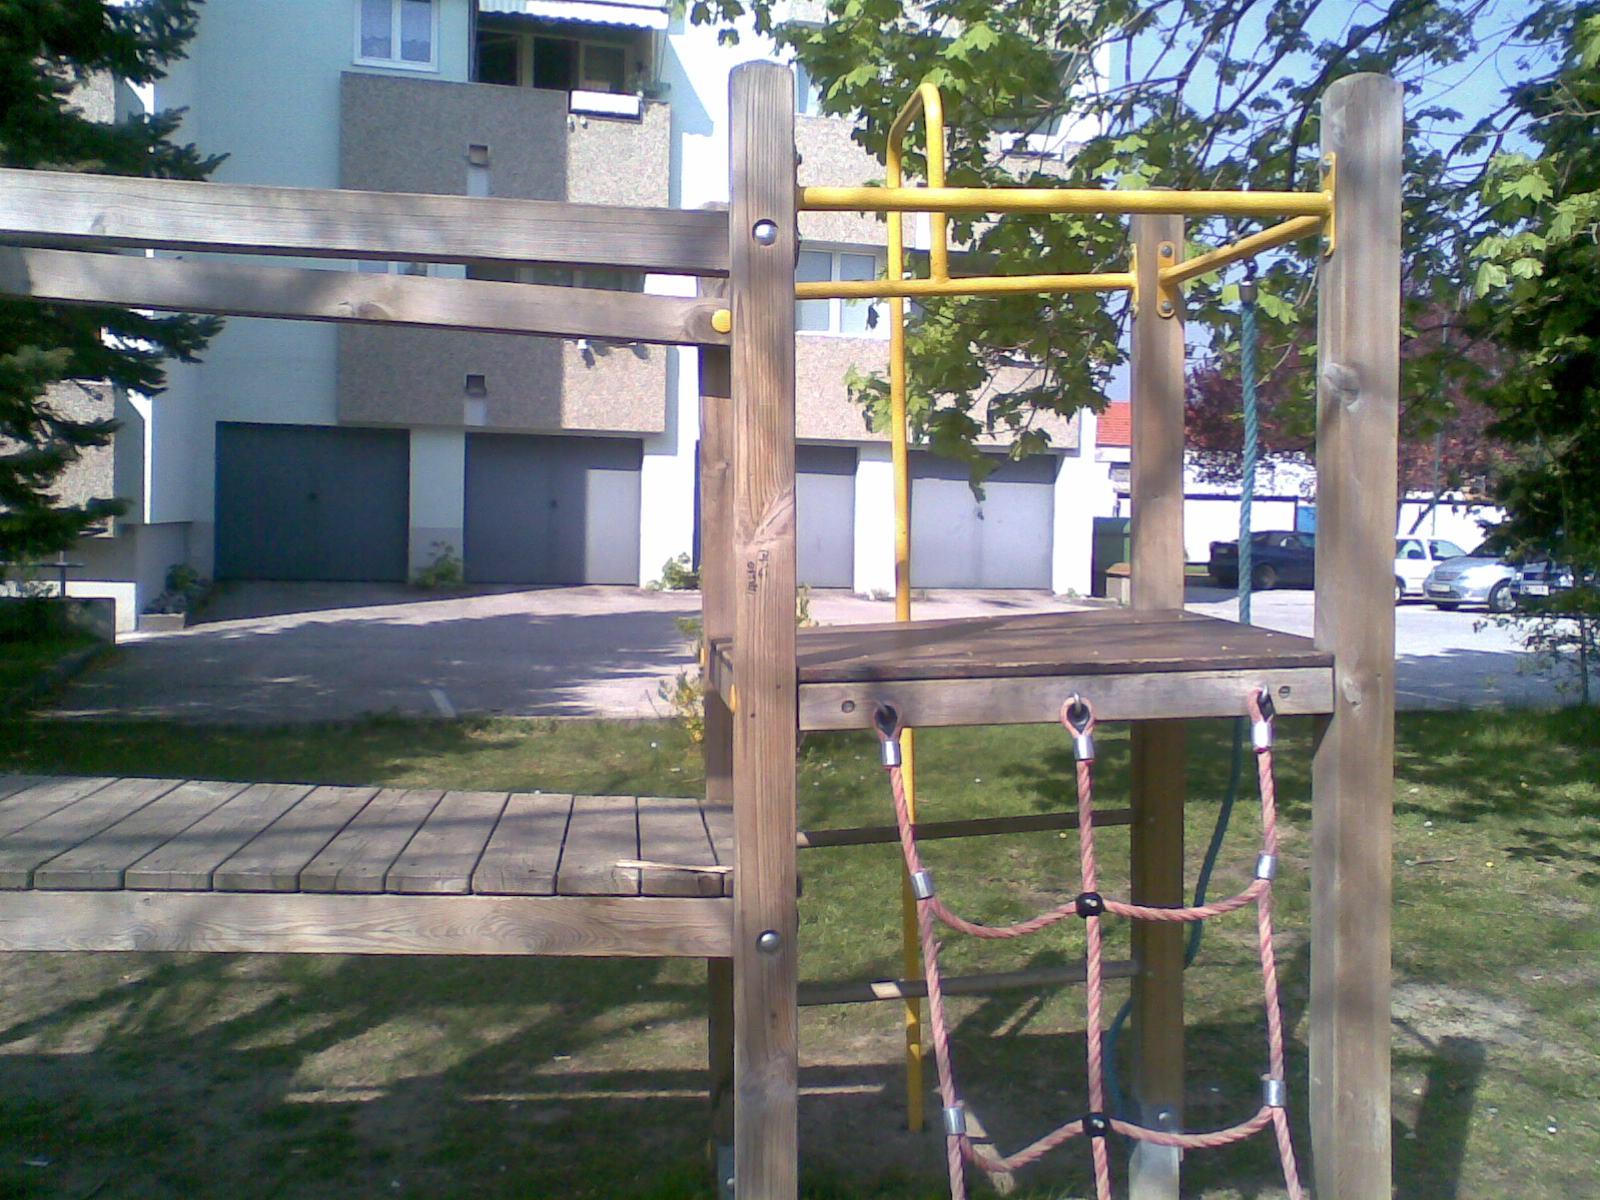 bild011_2010-04-25_10-10